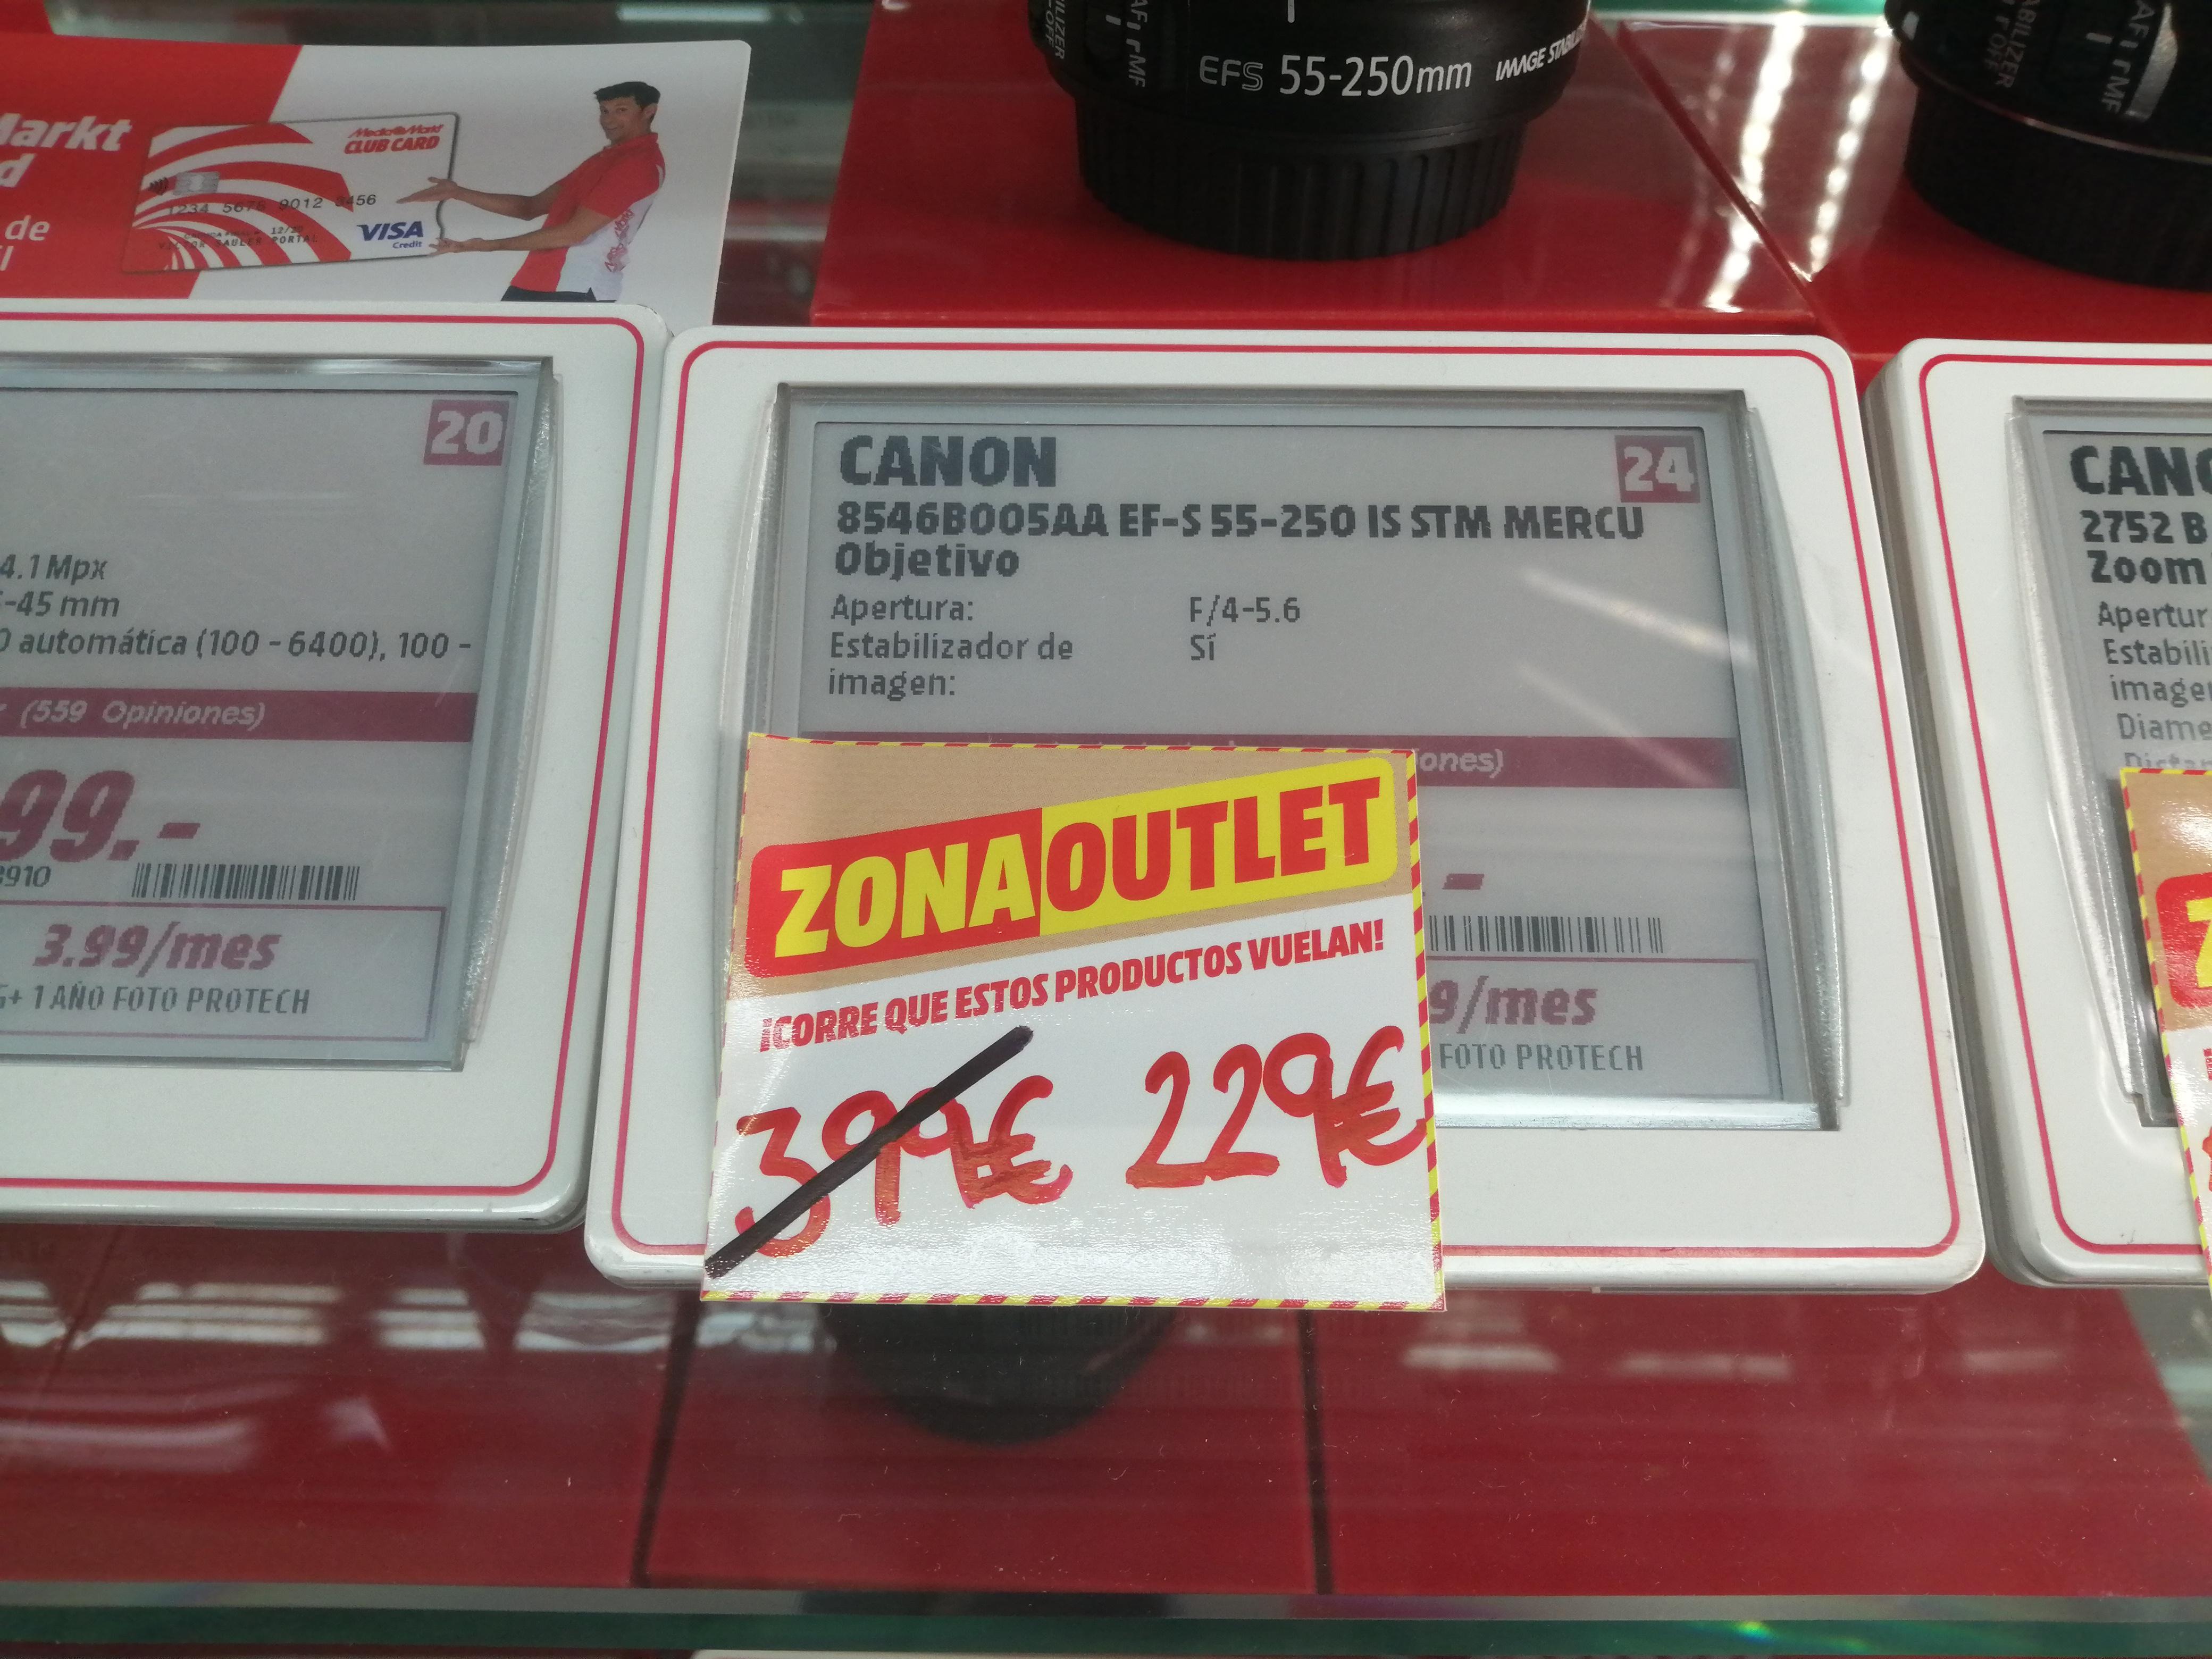 Canon EF-S 55-250mm (Madrid - Mediamarkt Castellana200)